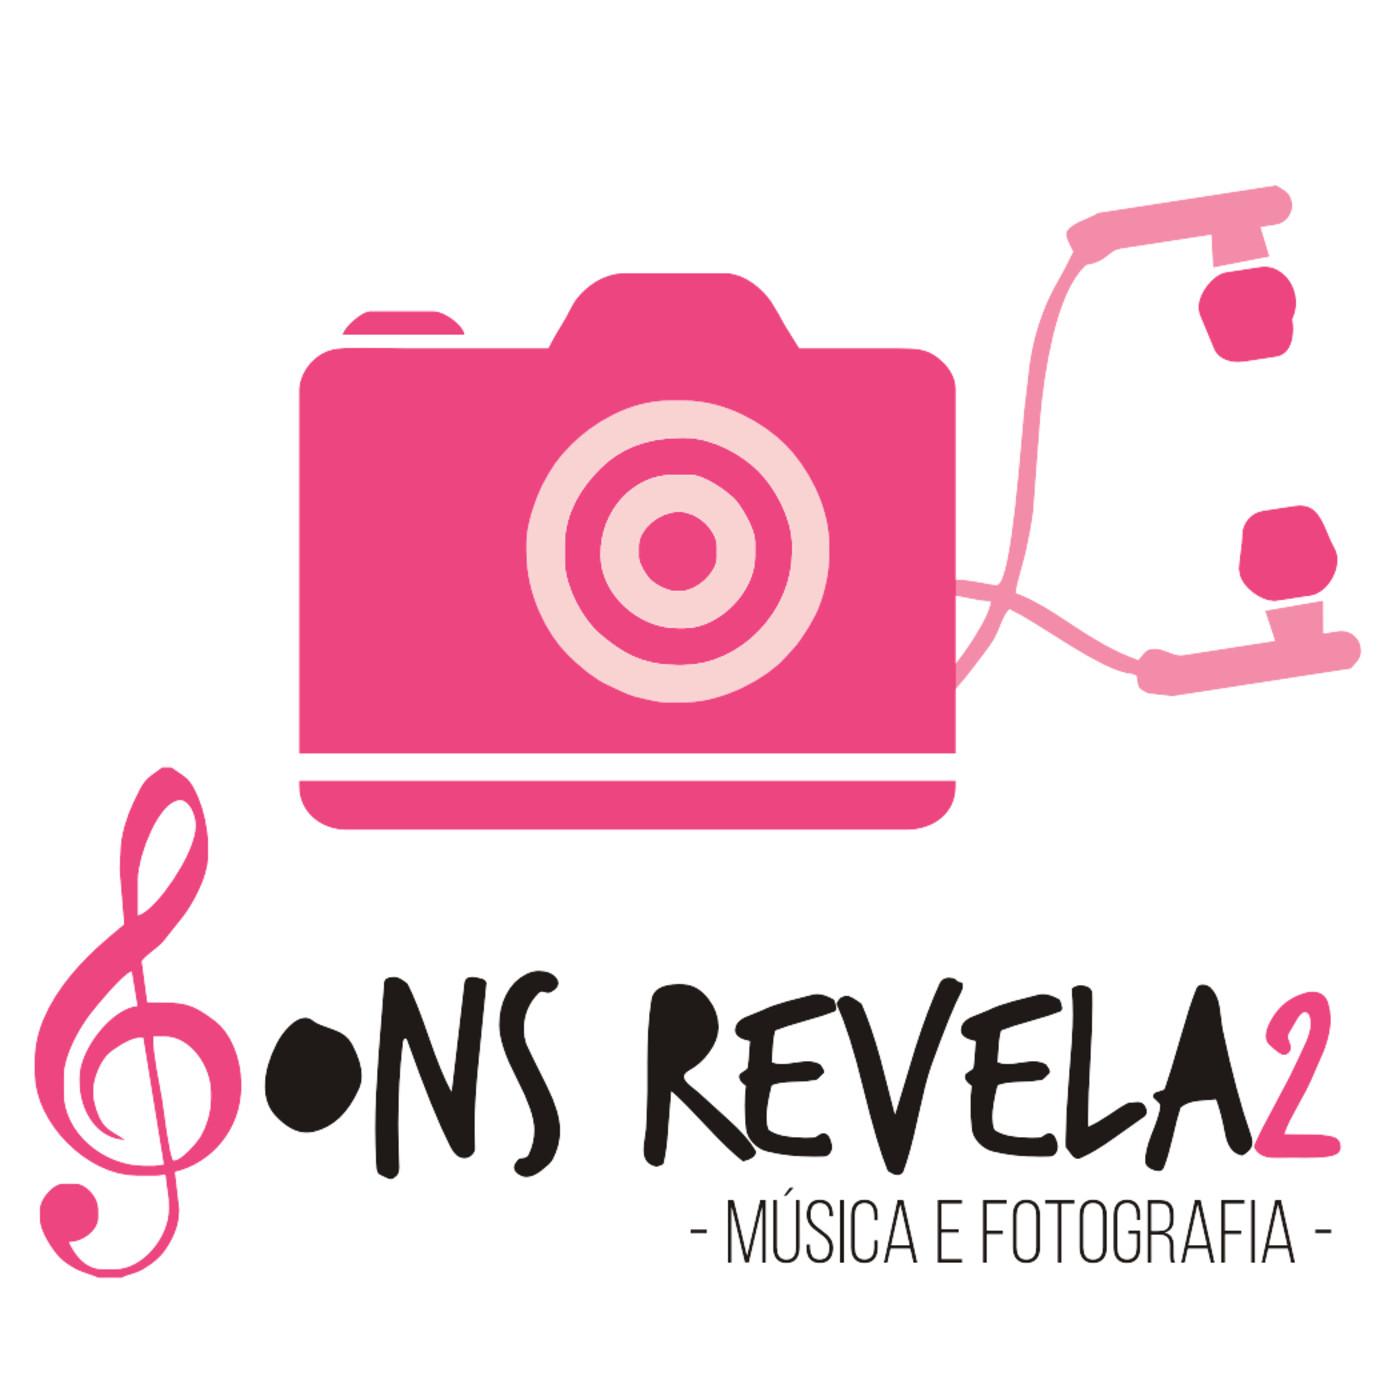 Programa especial de Sons Revela2